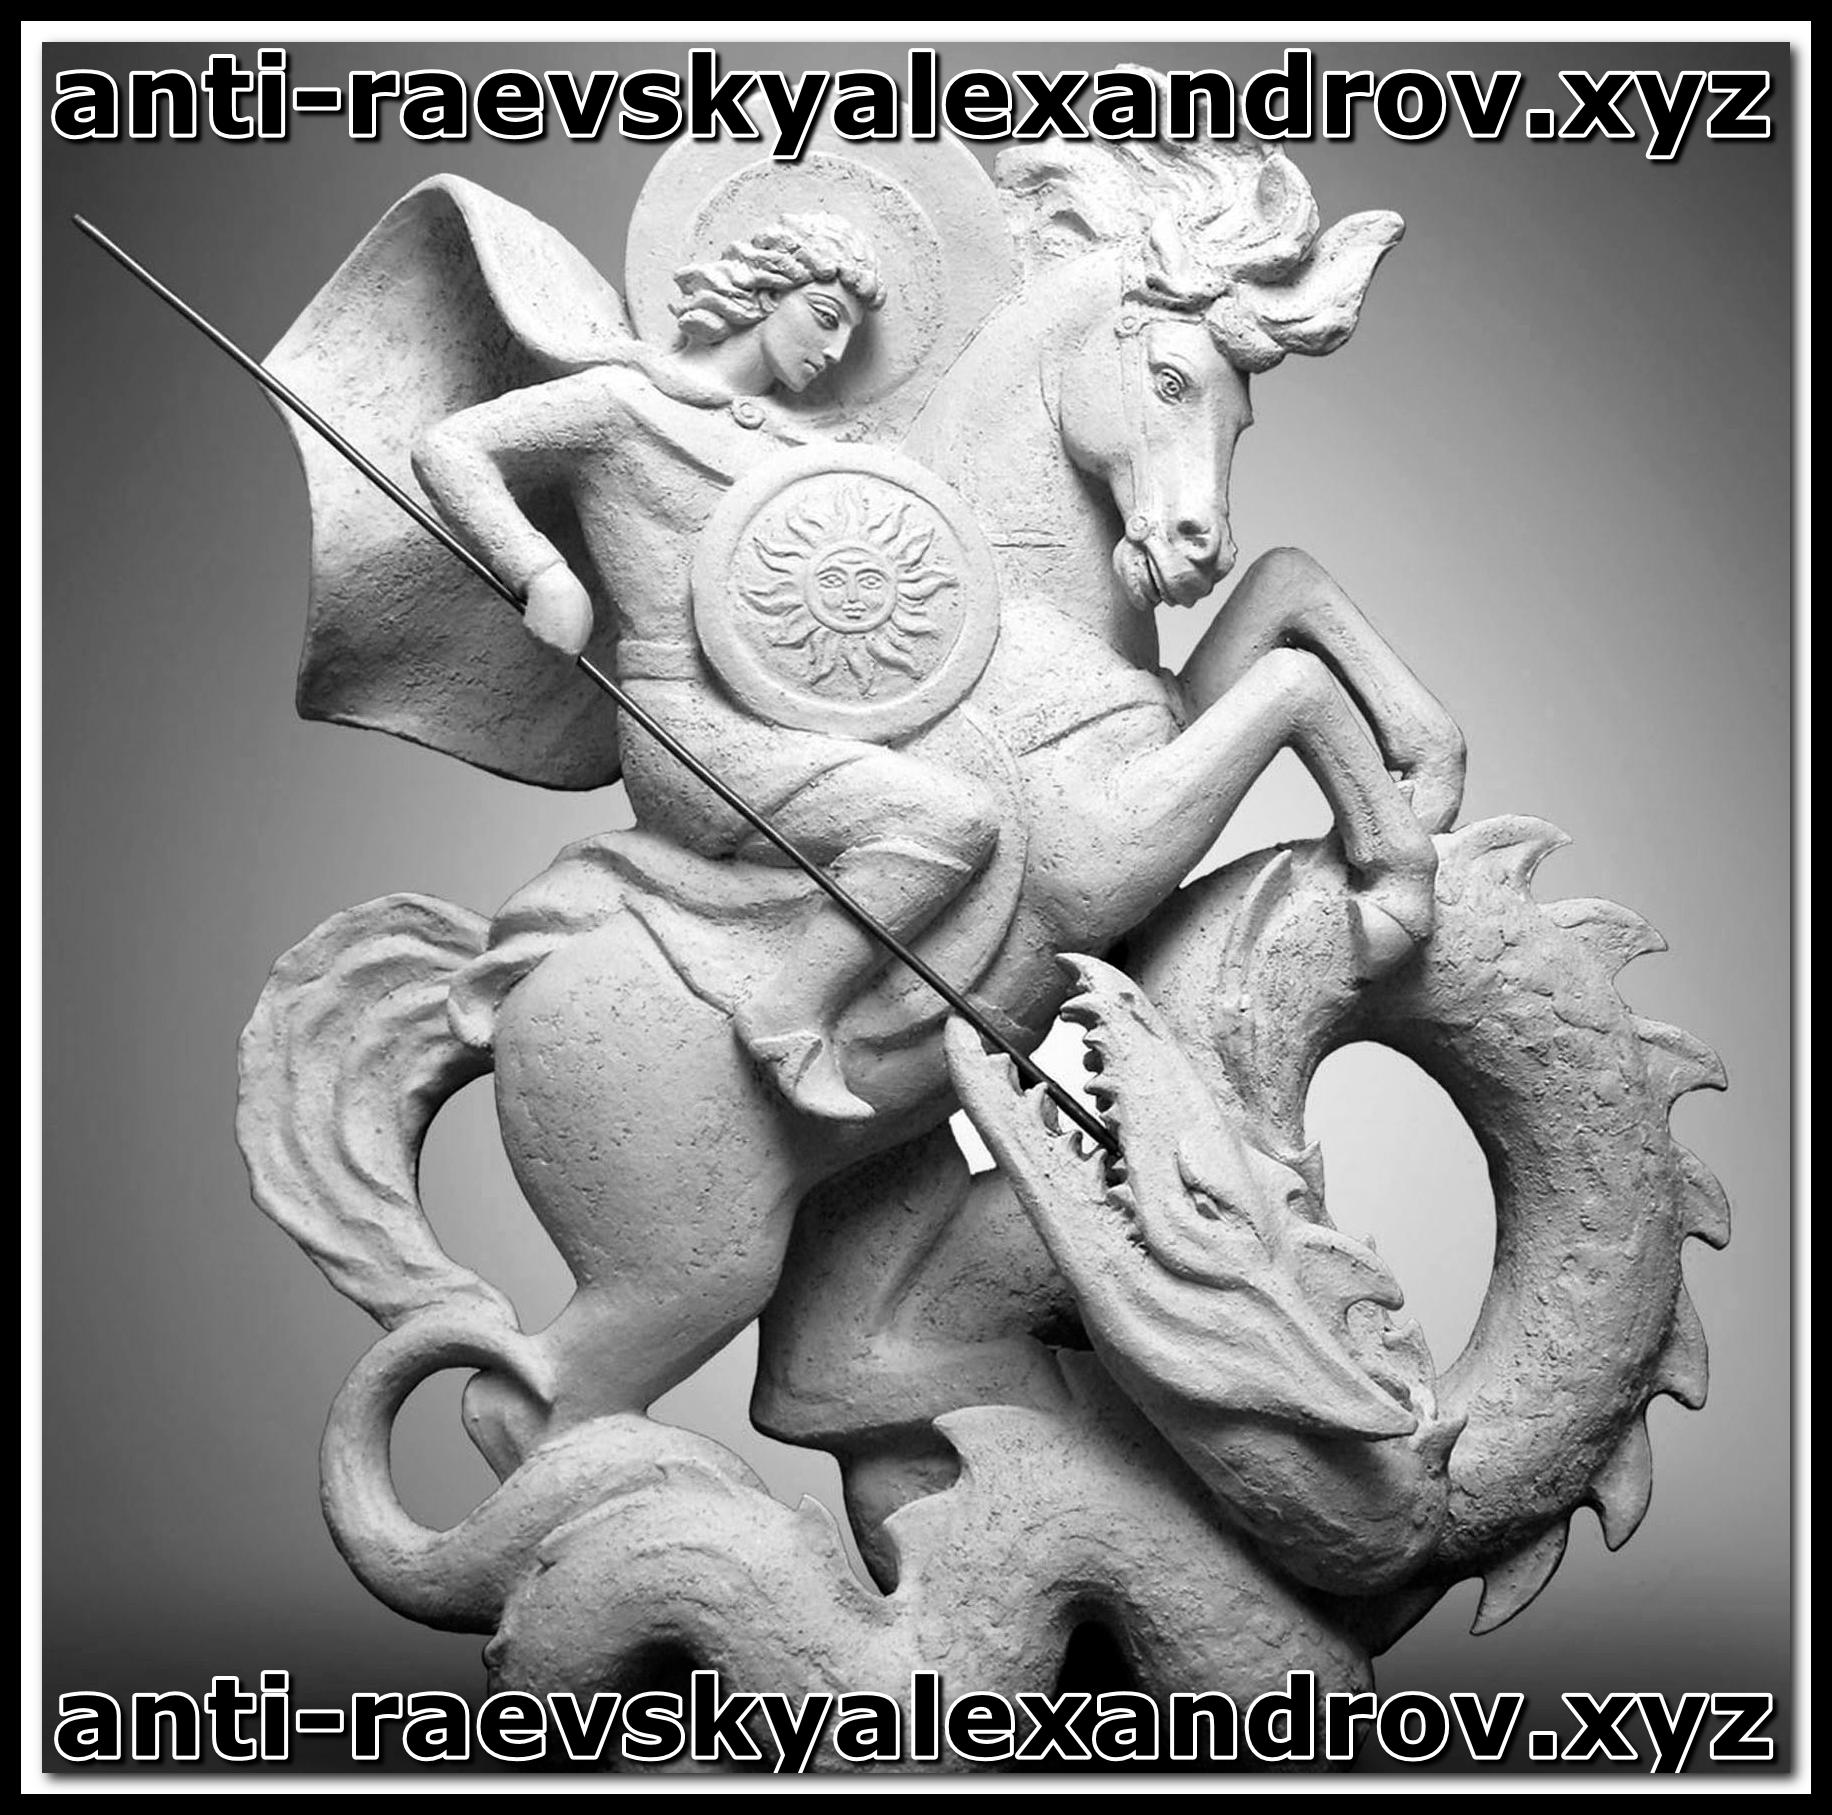 anti-raevskyalexandrov.xyz (3)